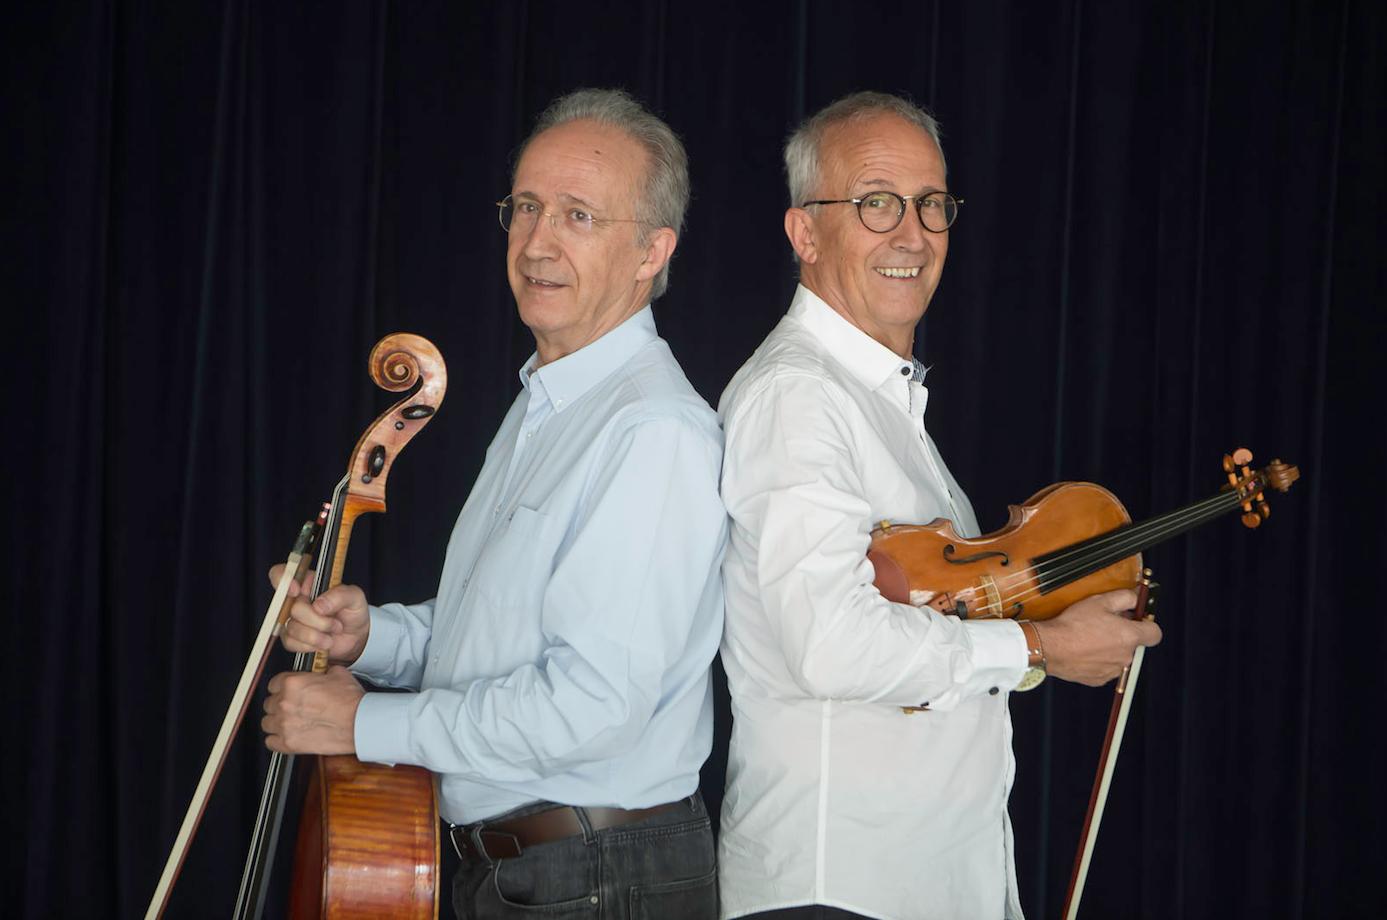 Lluís i Gerard Claret, convidats per la revista Món Sant Cugat, protagonitzaran un concert el 27 de juny al Teatre-Auditori FOTO: Artur Ribera